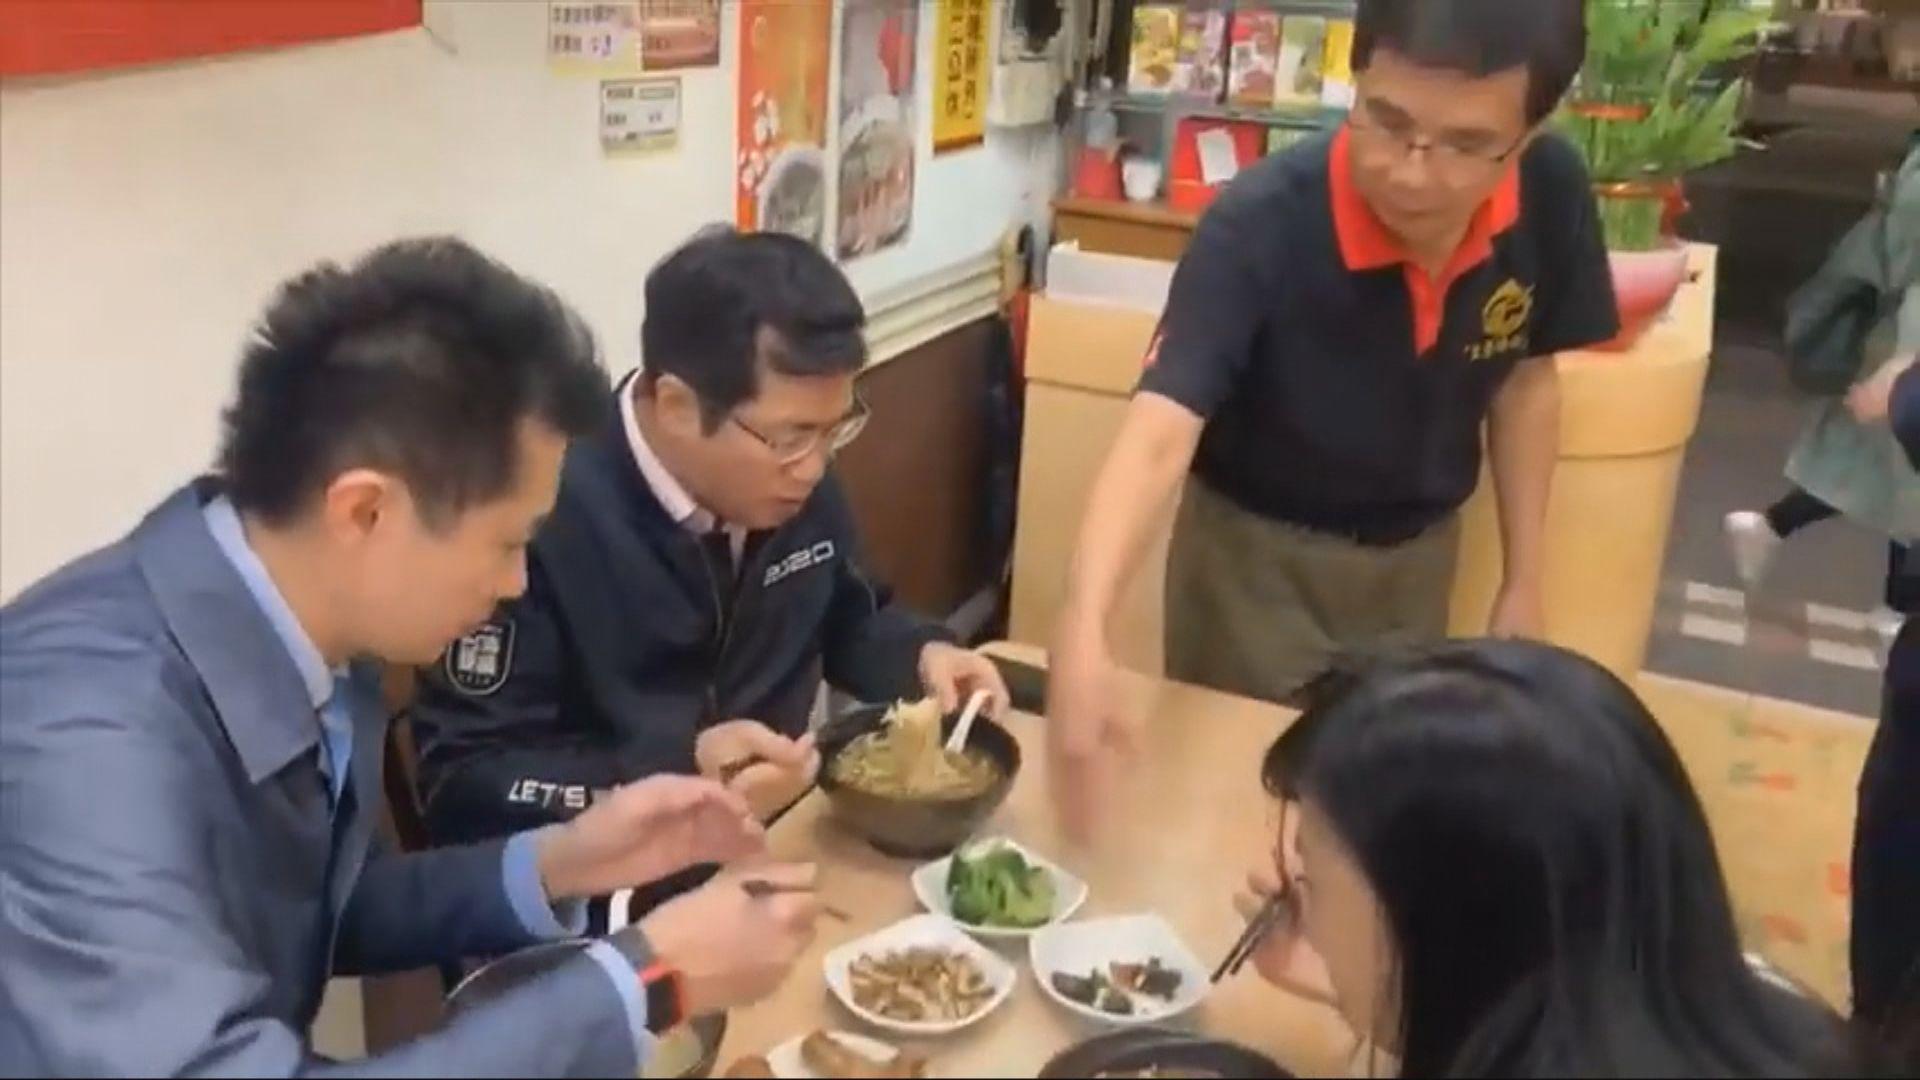 【環球薈報】台行政院錯指店舖用「瘦肉精」牛肉要道歉